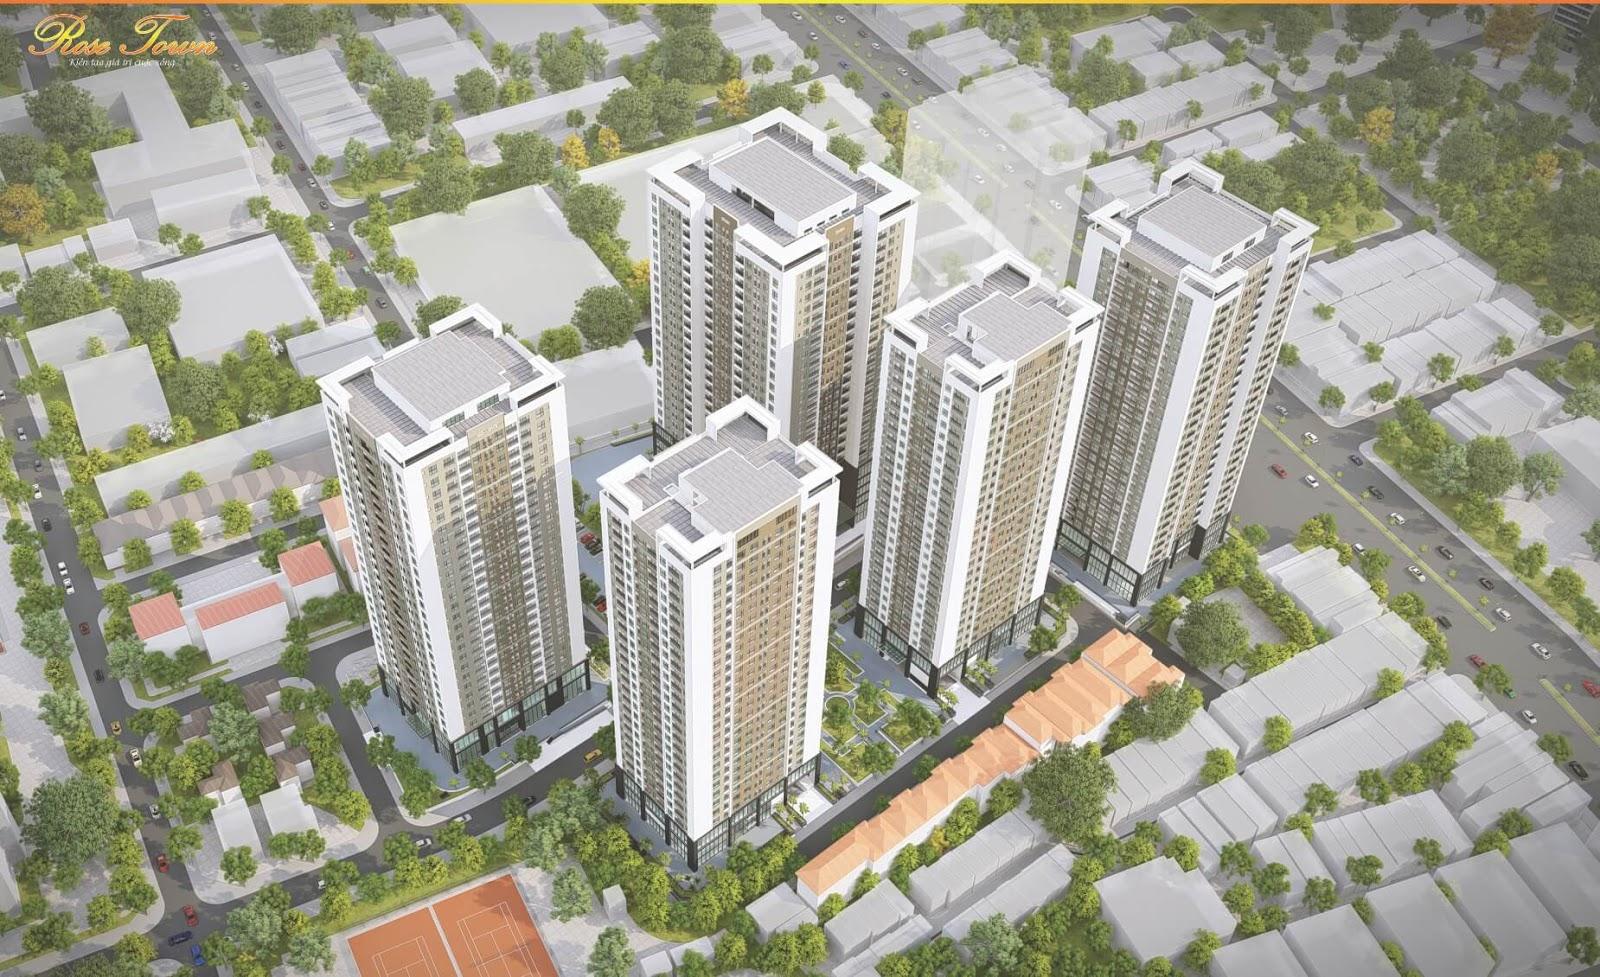 Rose Town Ngọc Hồi khu căn hộ đáng sống tại Hà Nội